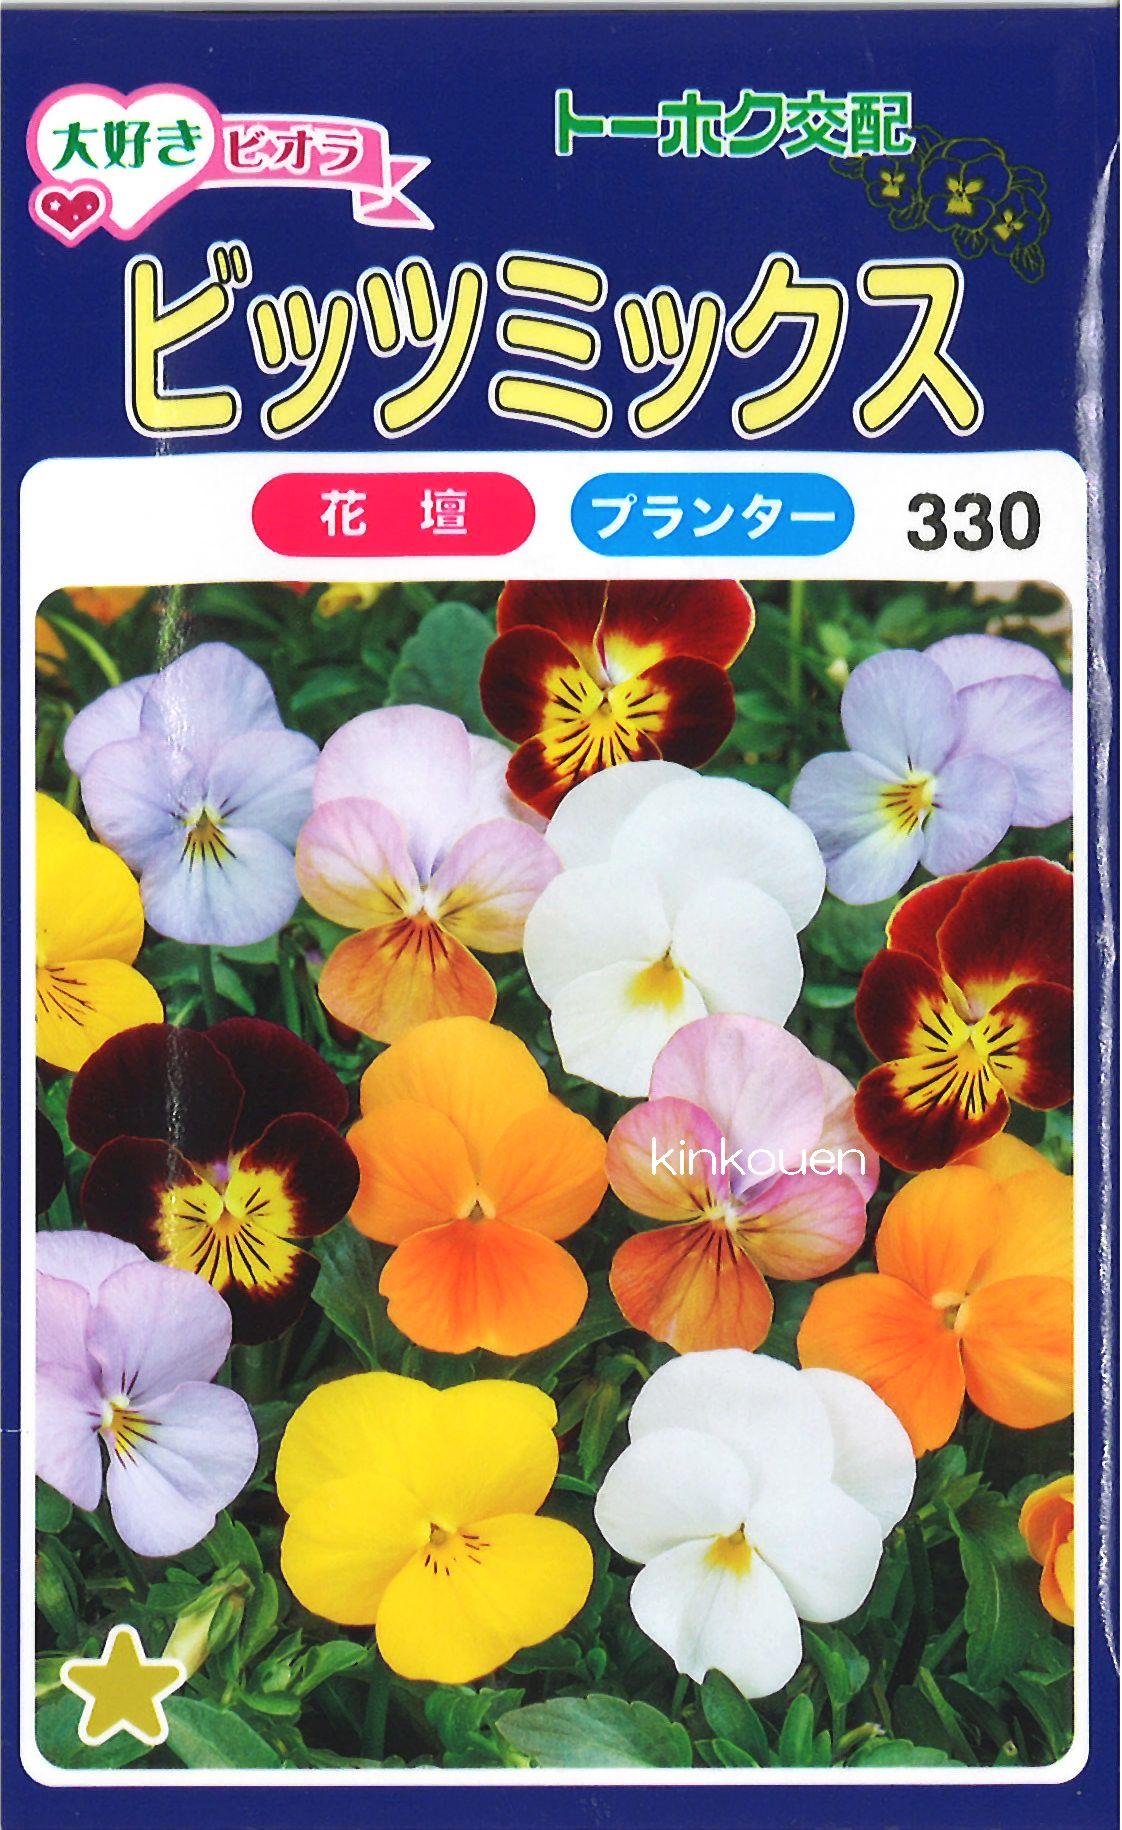 【代引不可】【5袋まで送料80円】 □大好きビオラビッツミックス